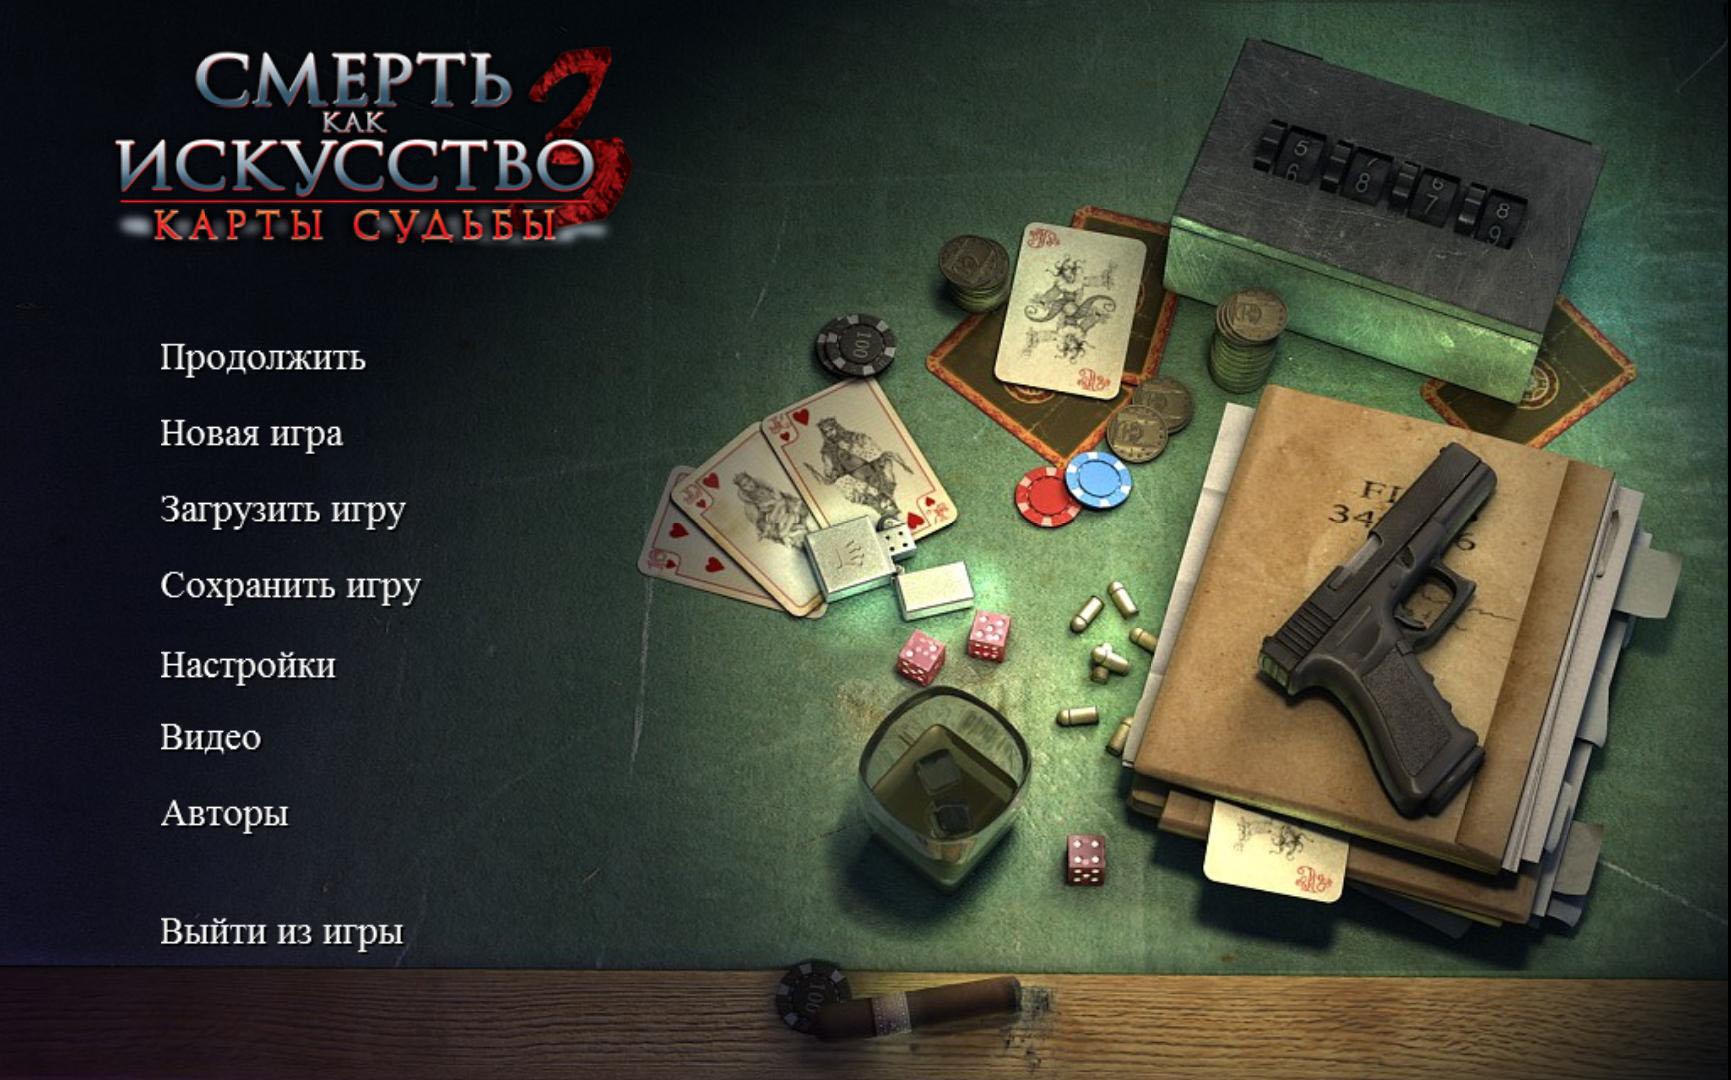 Смерть как искусство 3. Карты судьбы | Art Of Murder. Cards Of Destiny (Rus)